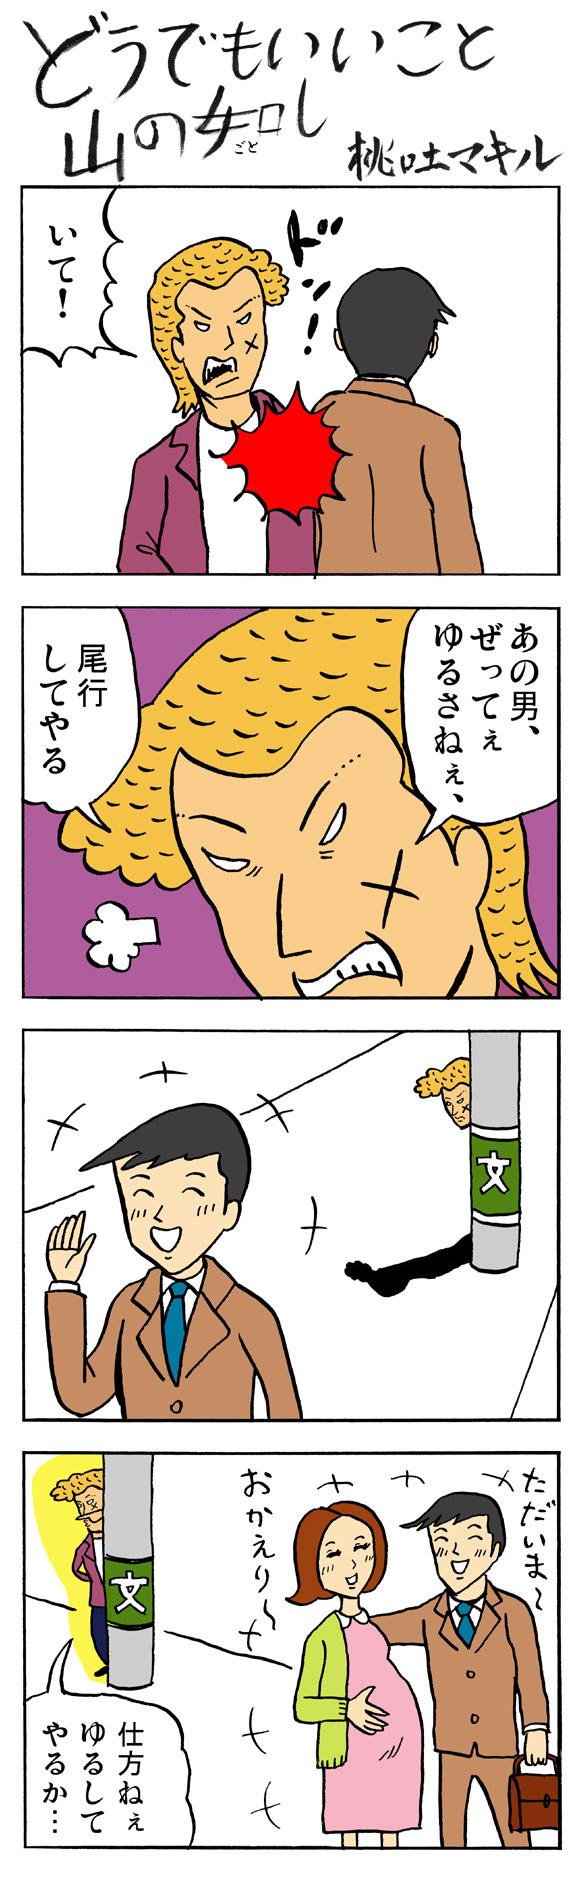 【まんが】どうでもいいこと山の如し「第11話:金髪虫にも五分の魂の如し」by桃吐マキル